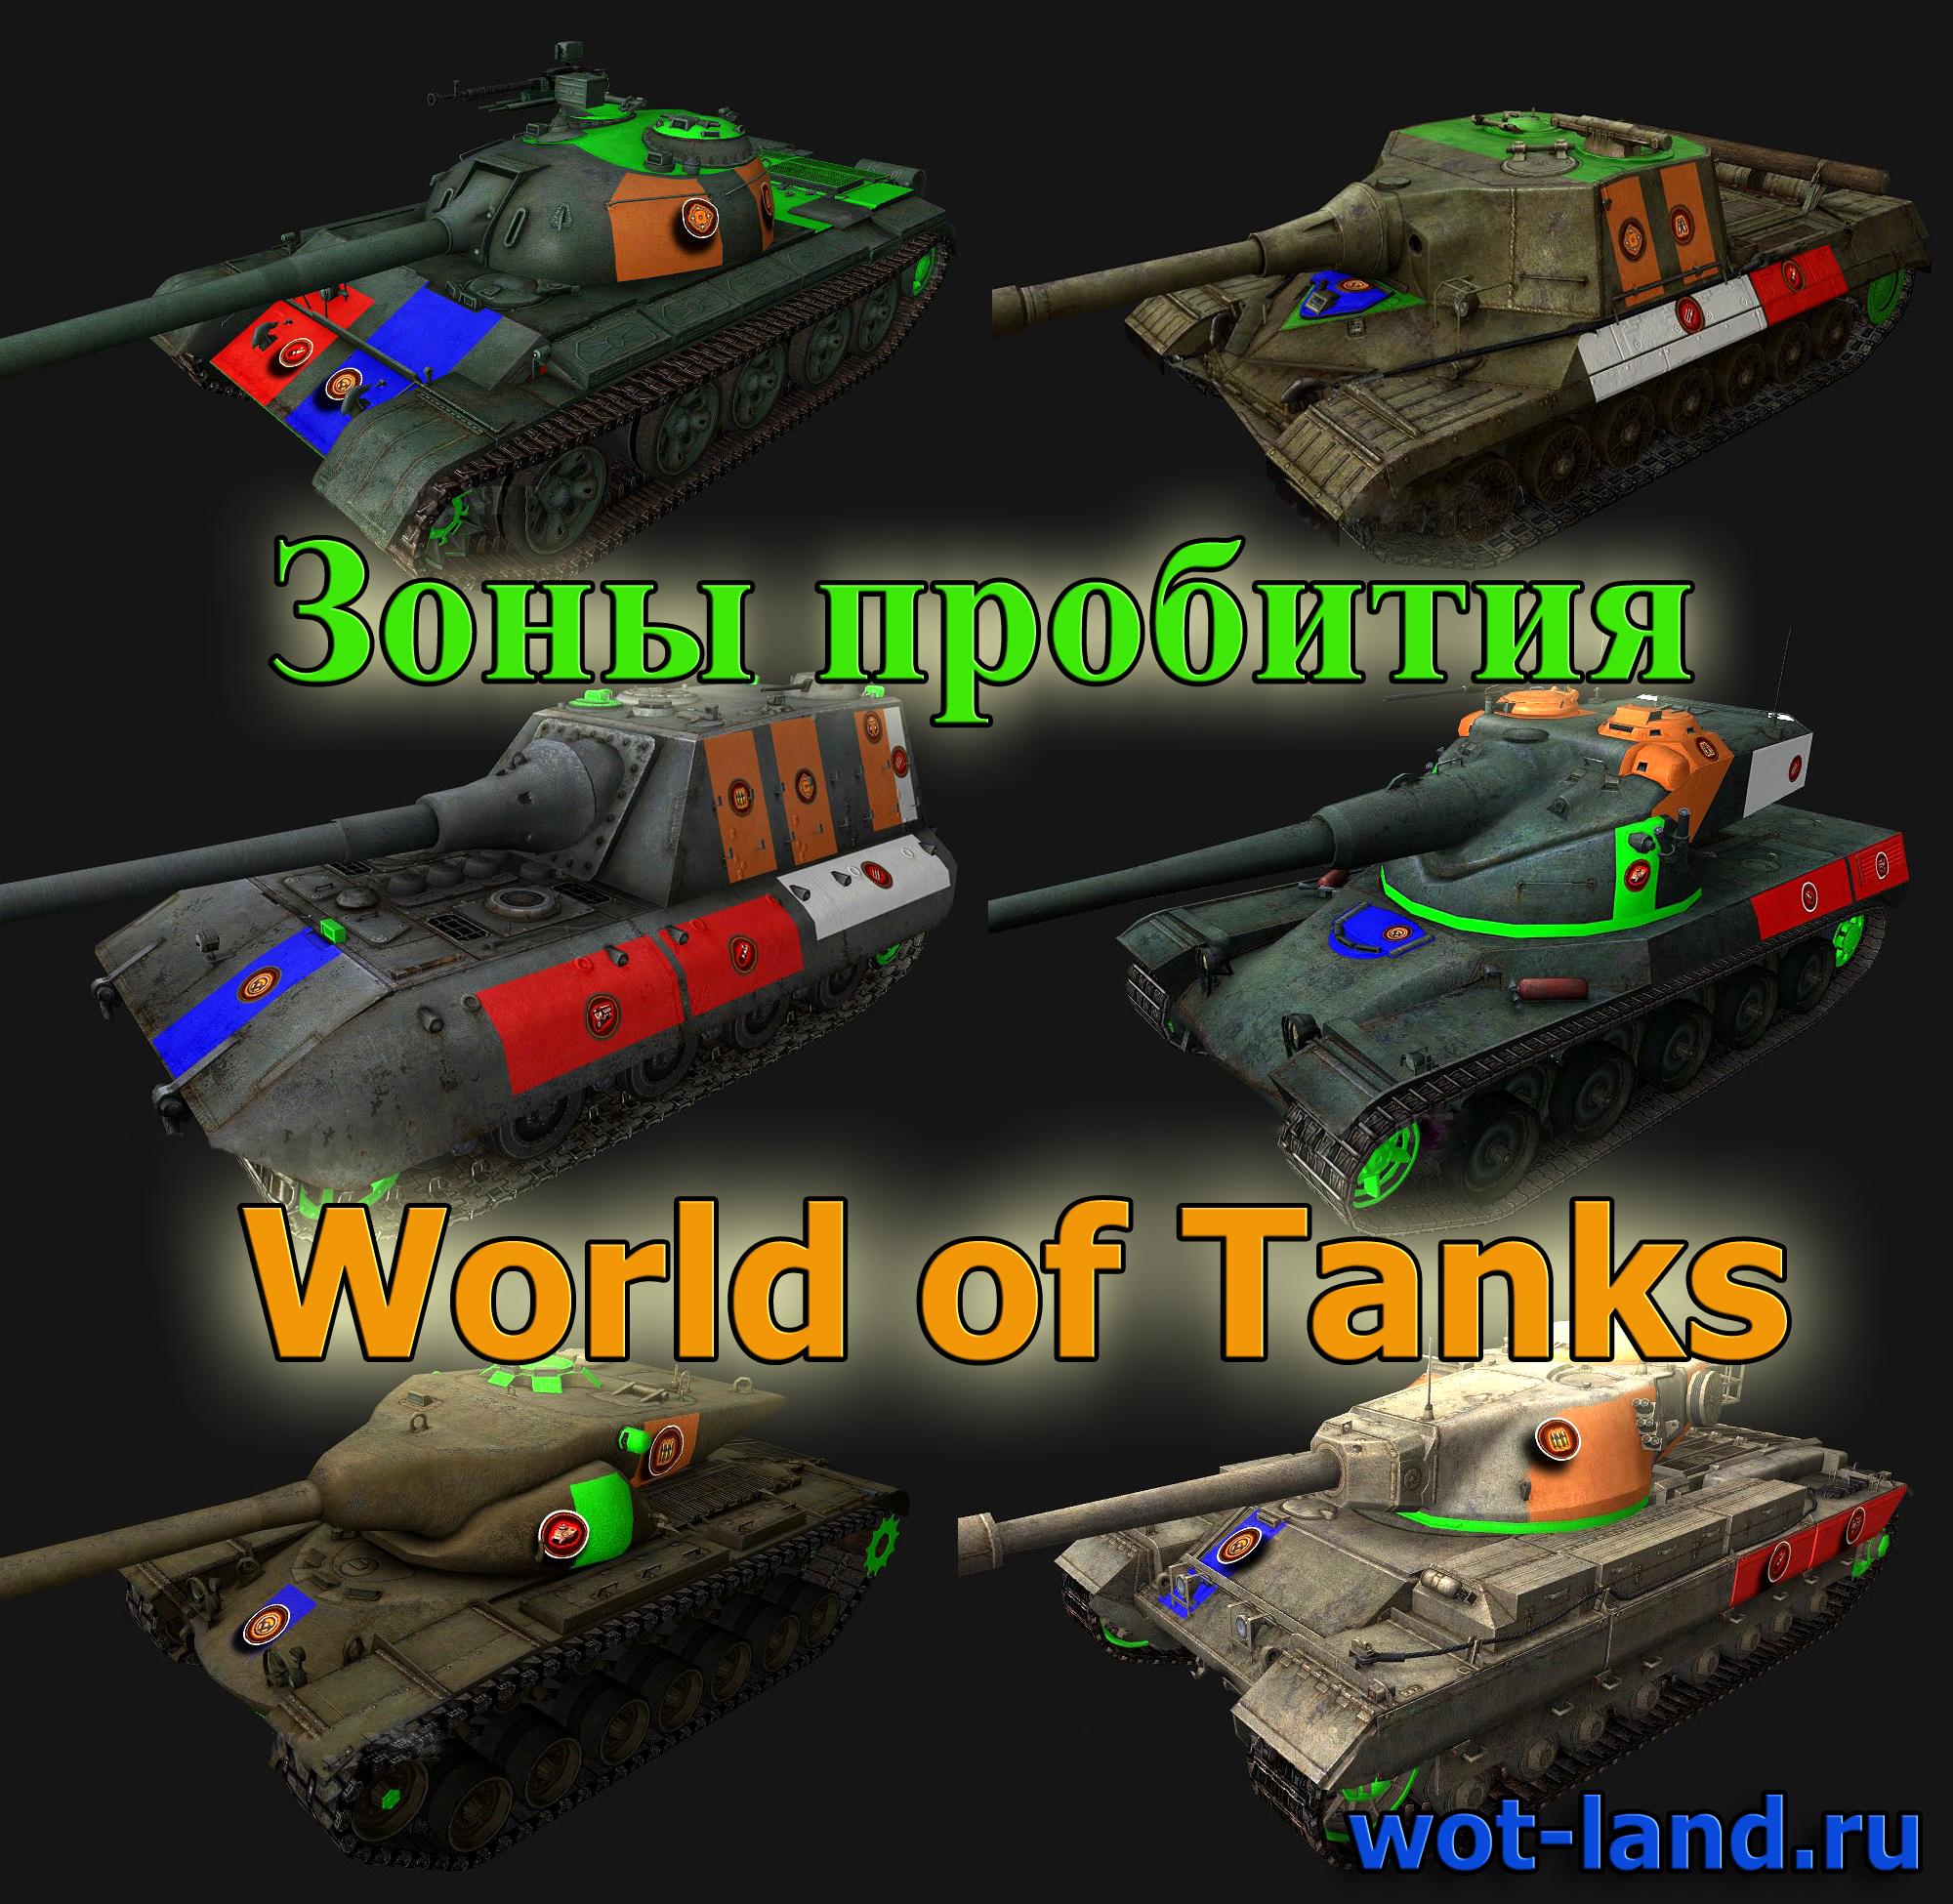 Шкурки пробития для world of tanks